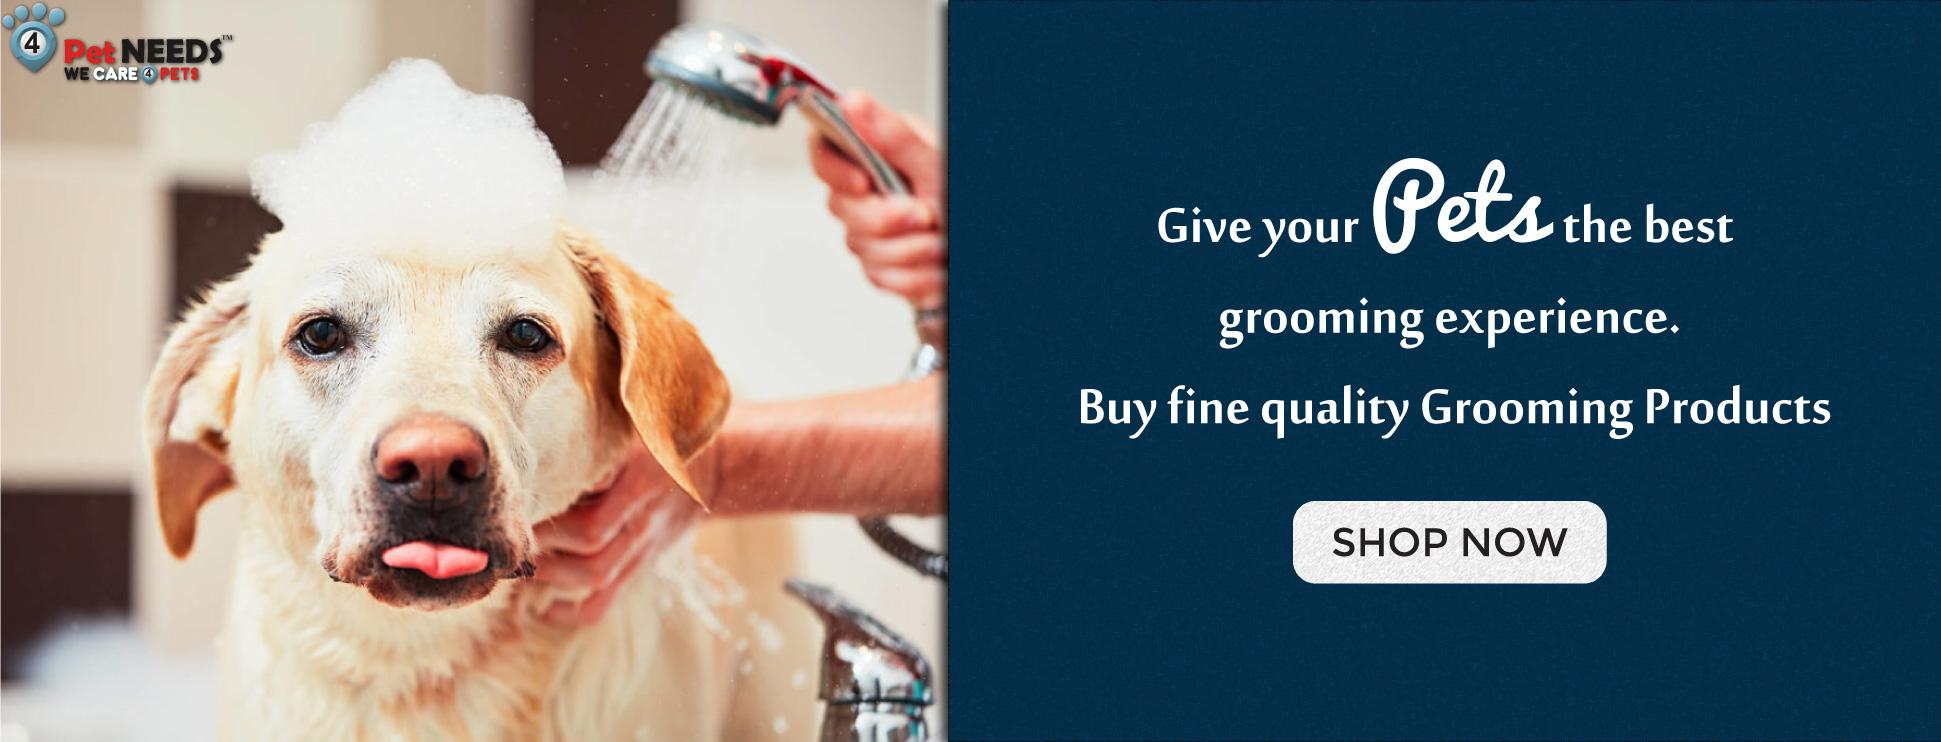 Grooming-Banner-main-website1.jpg